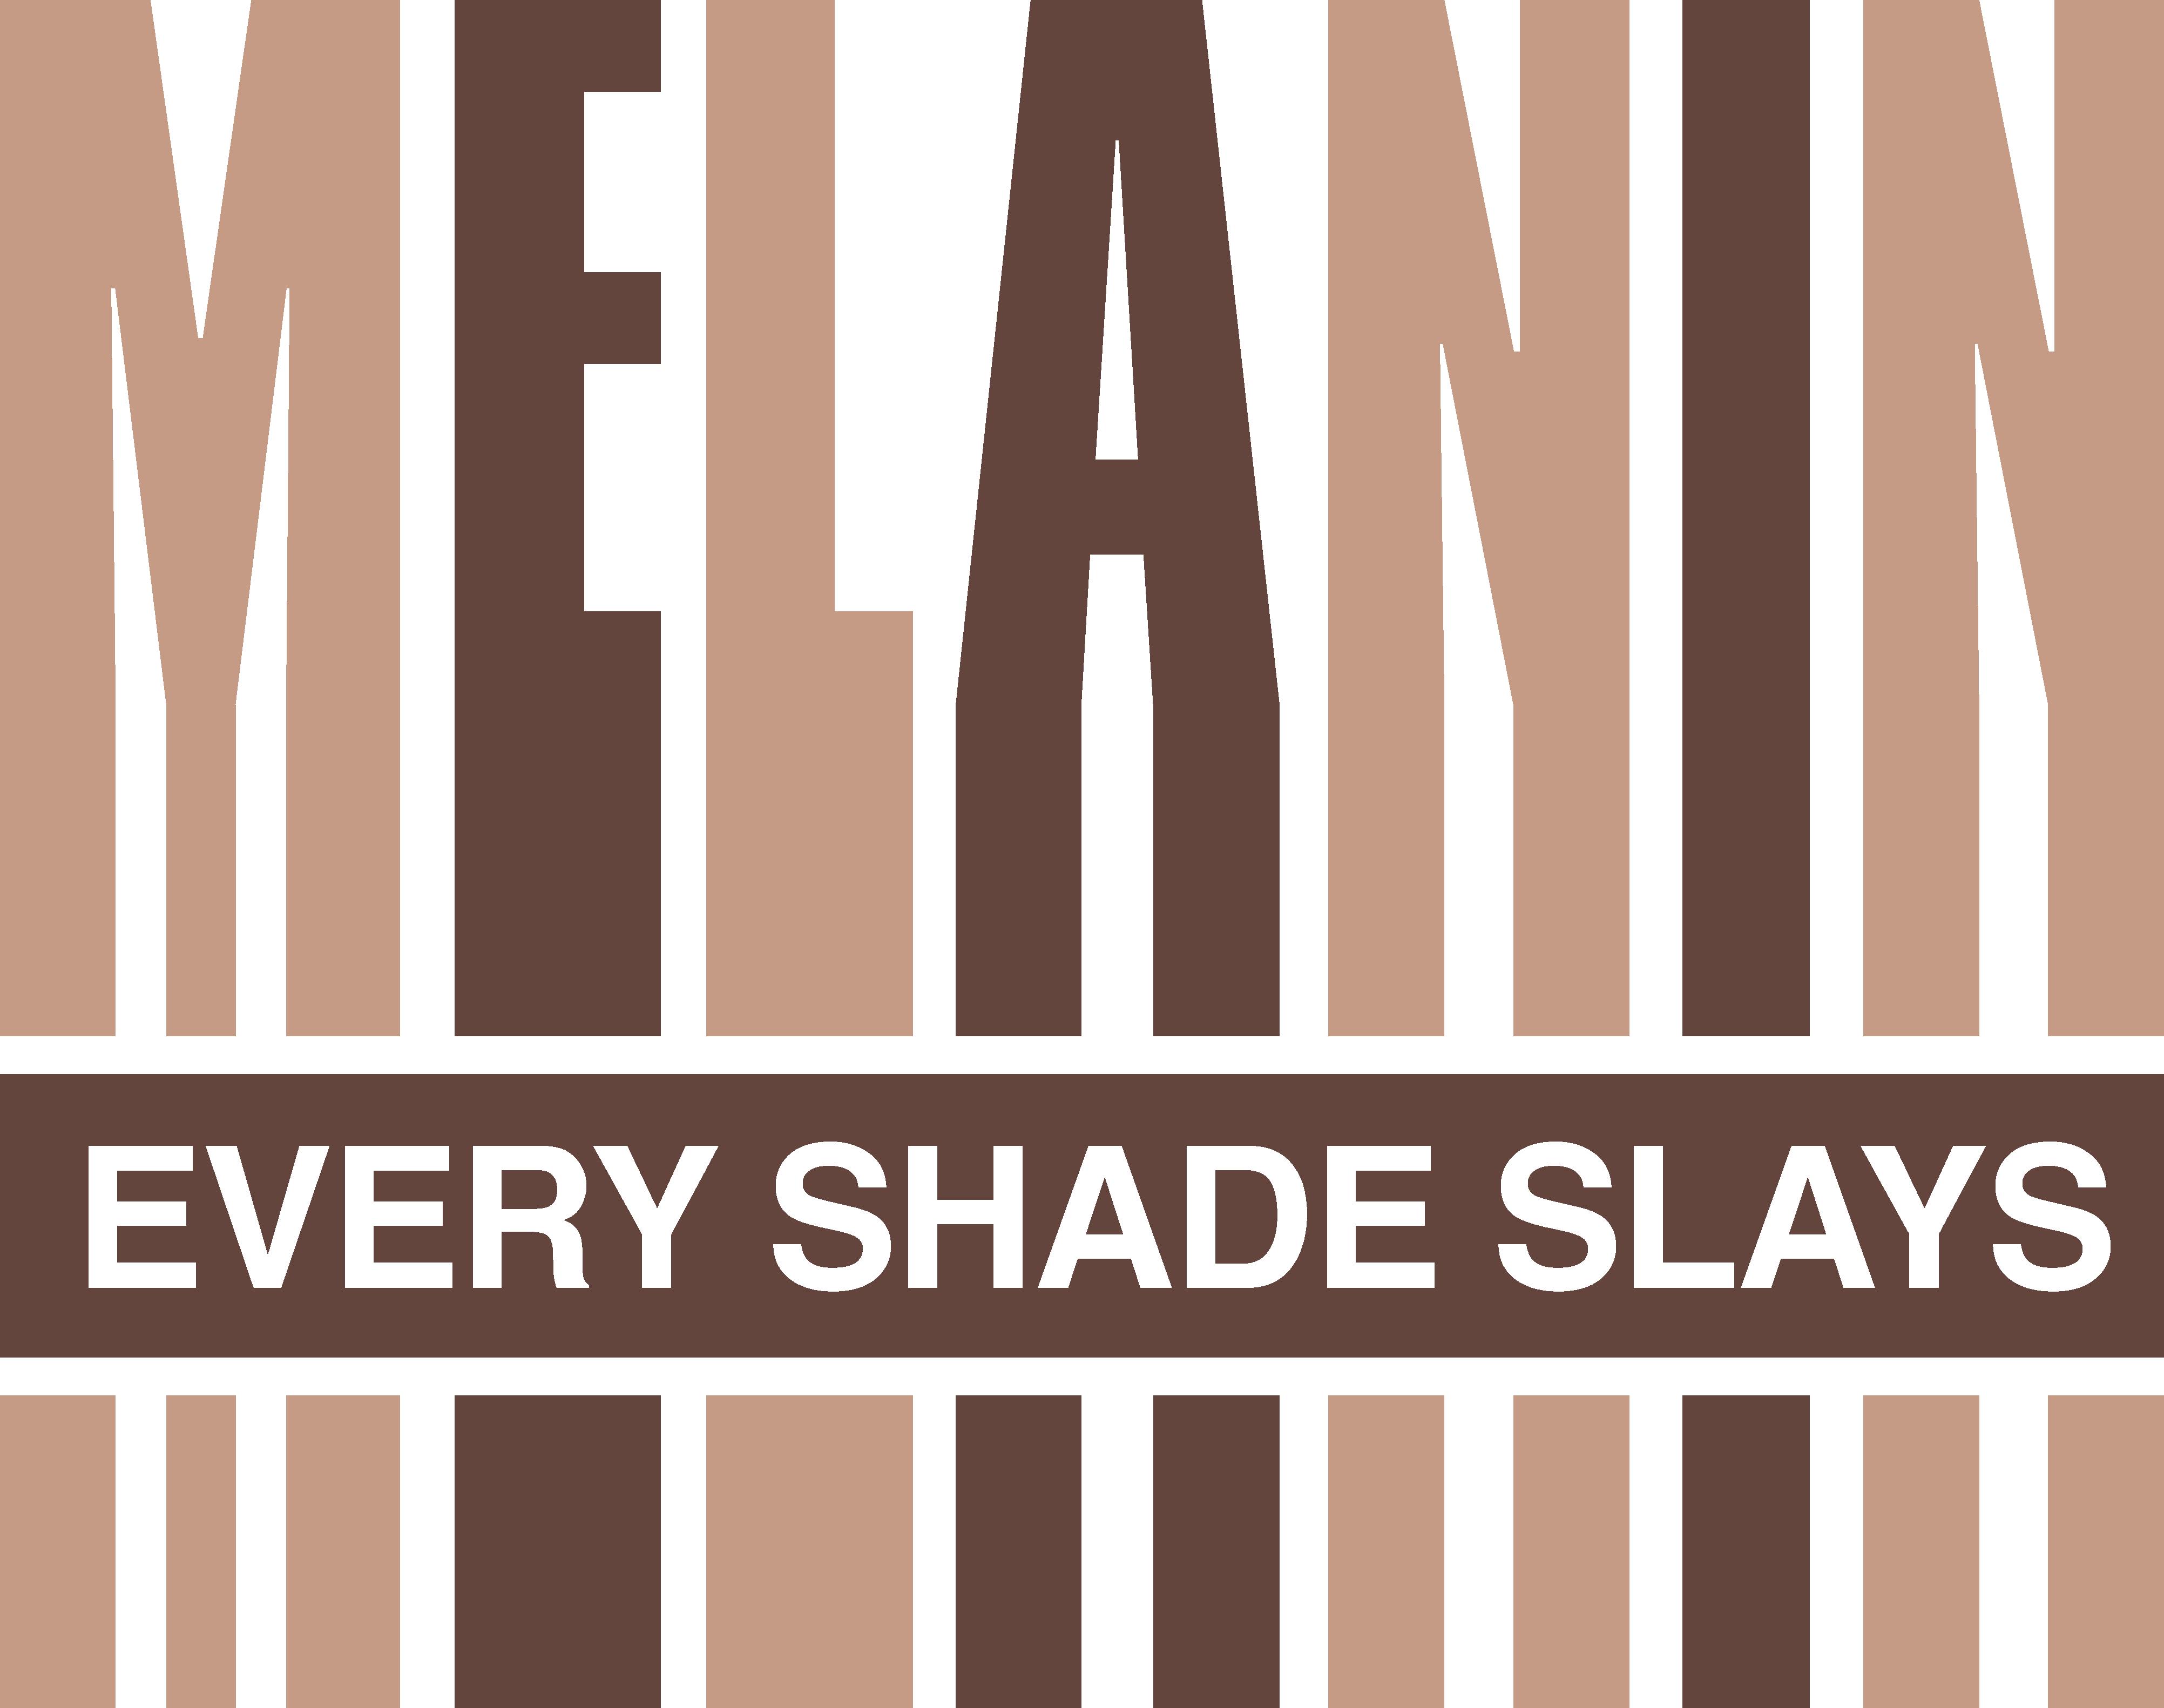 Melanin every shade slays